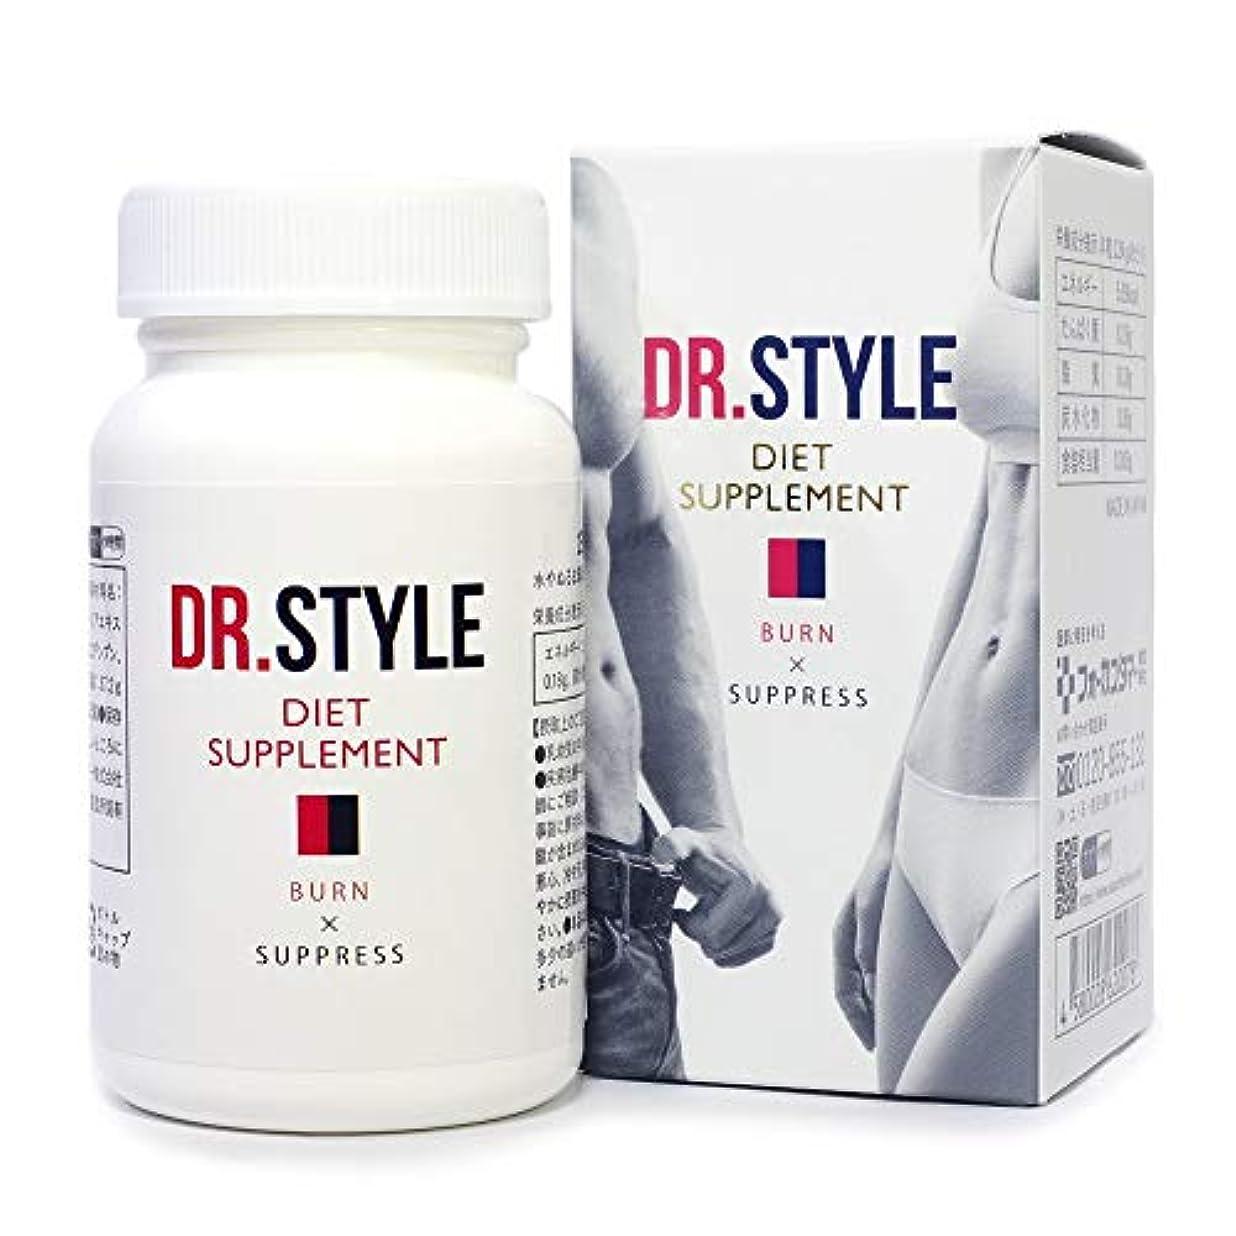 バスケットボール台無しに動物DR.STYLE 医師監修 ダイエット サプリメント サラシア αリポ酸 L-カルニチン CoQ10 120粒